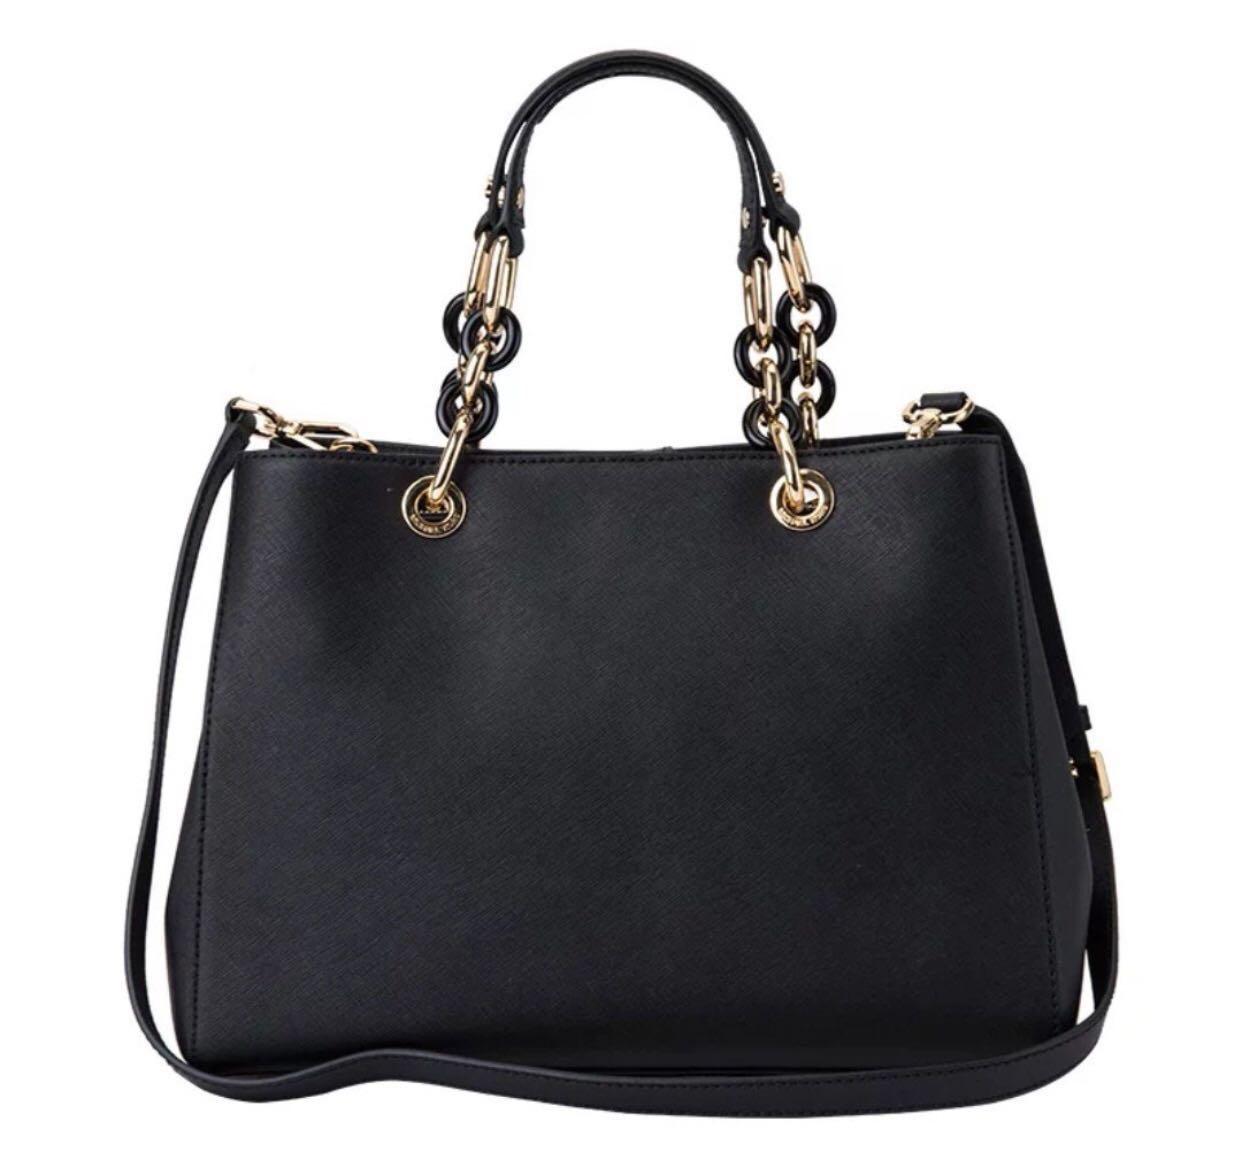 97a59b180b3f Michael Kors Cynthia Bag, Women's Fashion, Bags & Wallets, Handbags on  Carousell